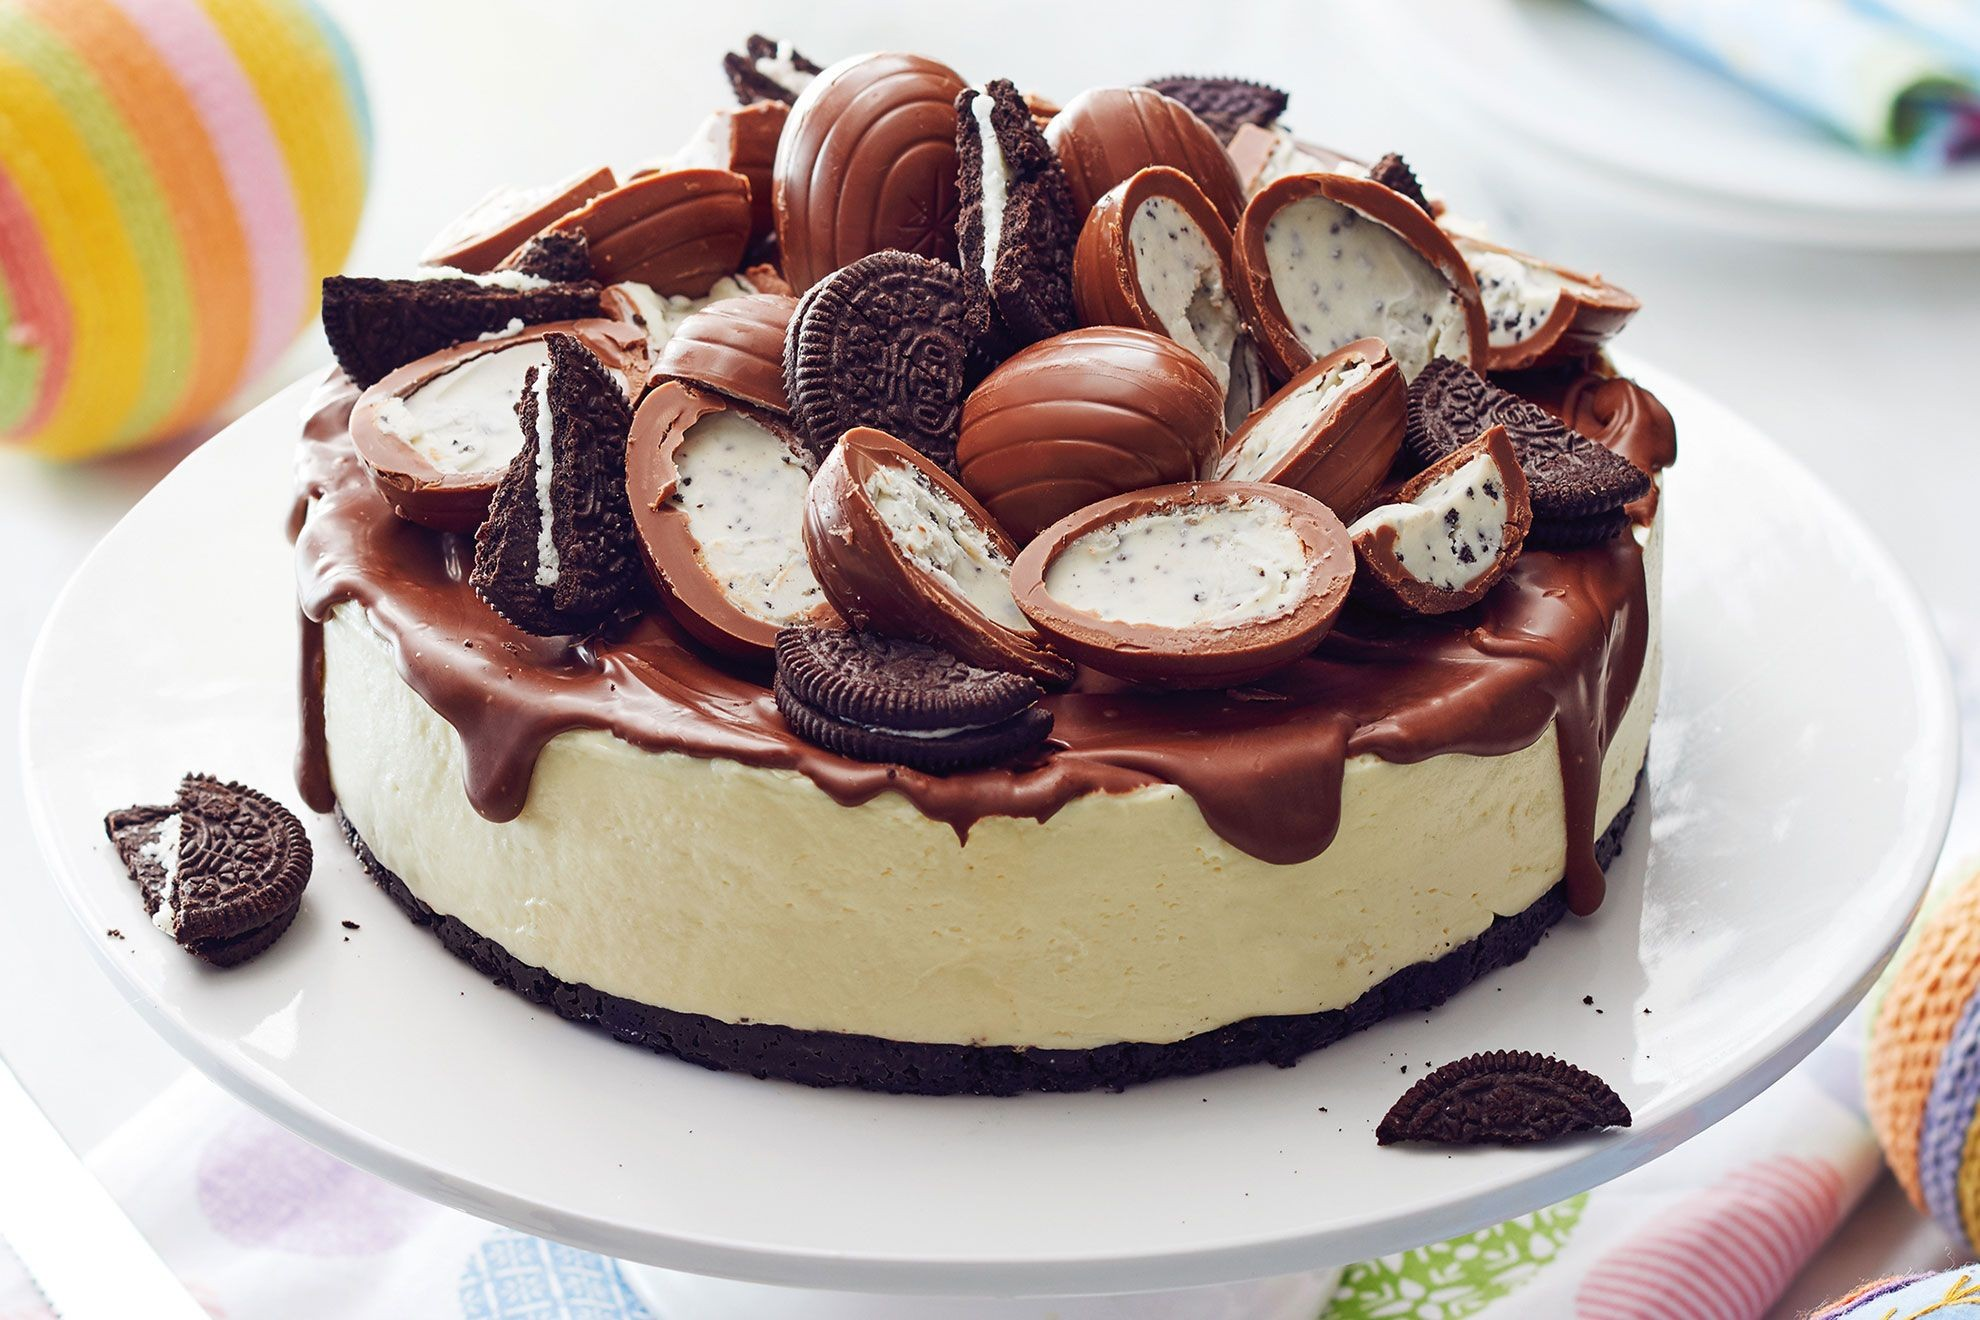 double-choc-easter-cheesecake-1980x1320-124941-1.jpg